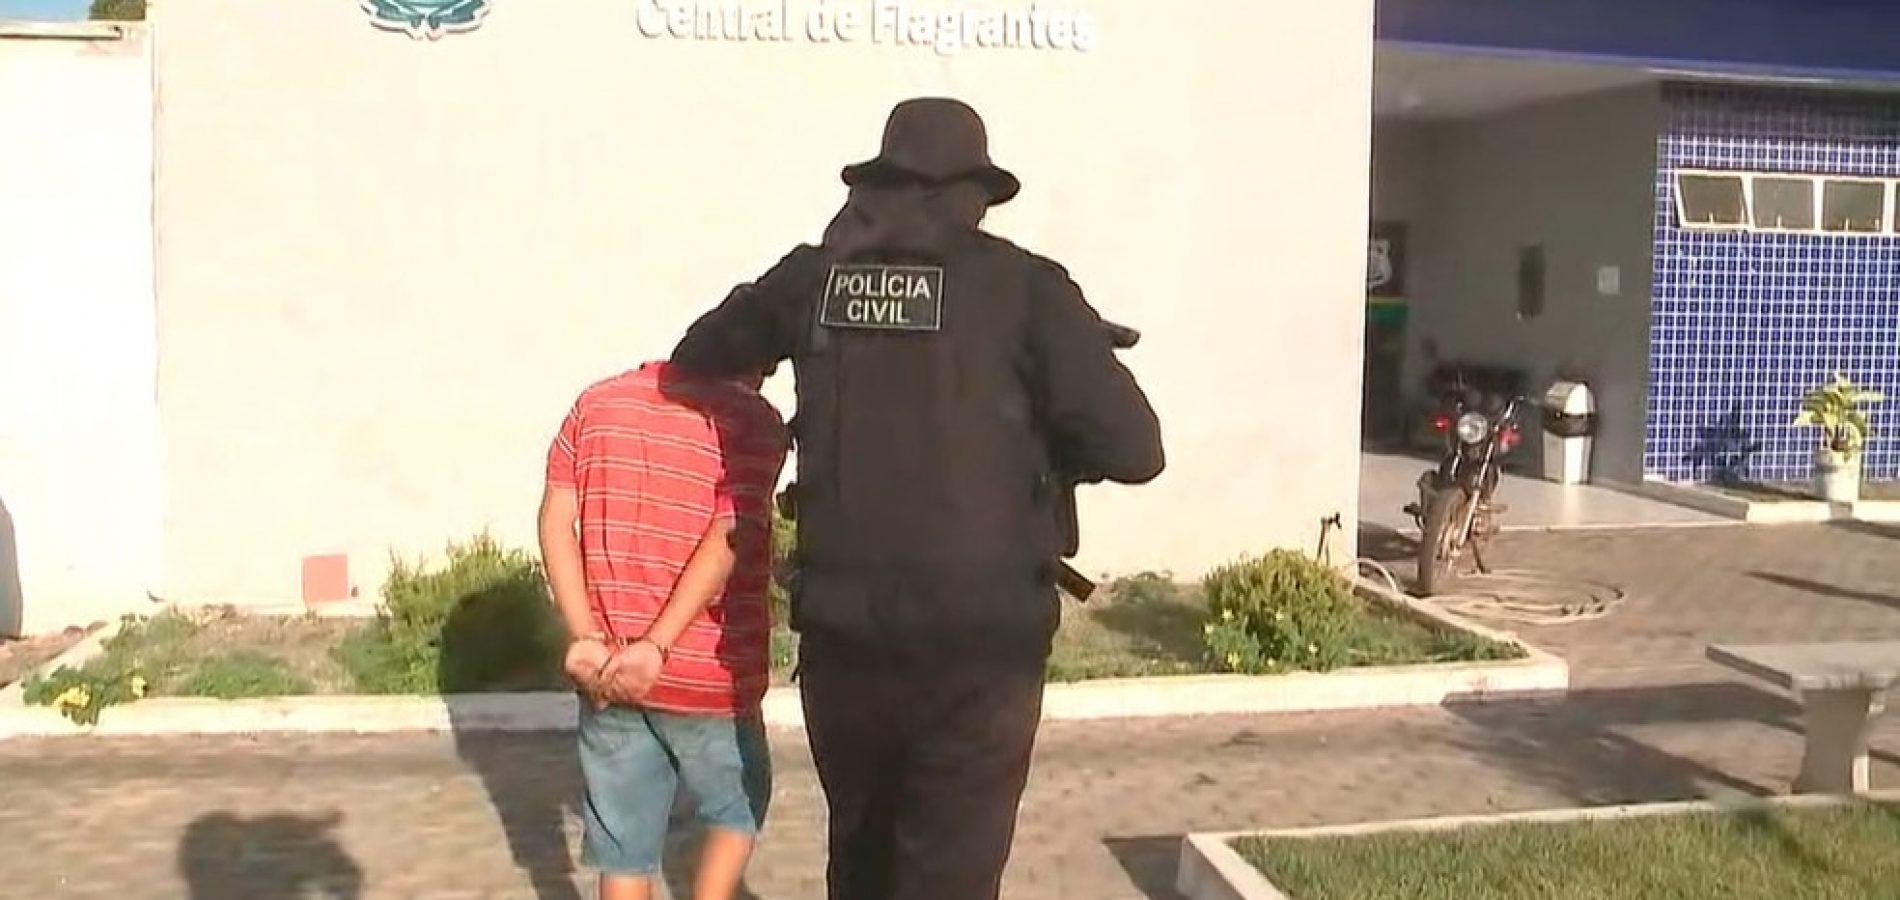 Operação Impacto cumpre mandados por estupros, homicídios e latrocínios no Piauí